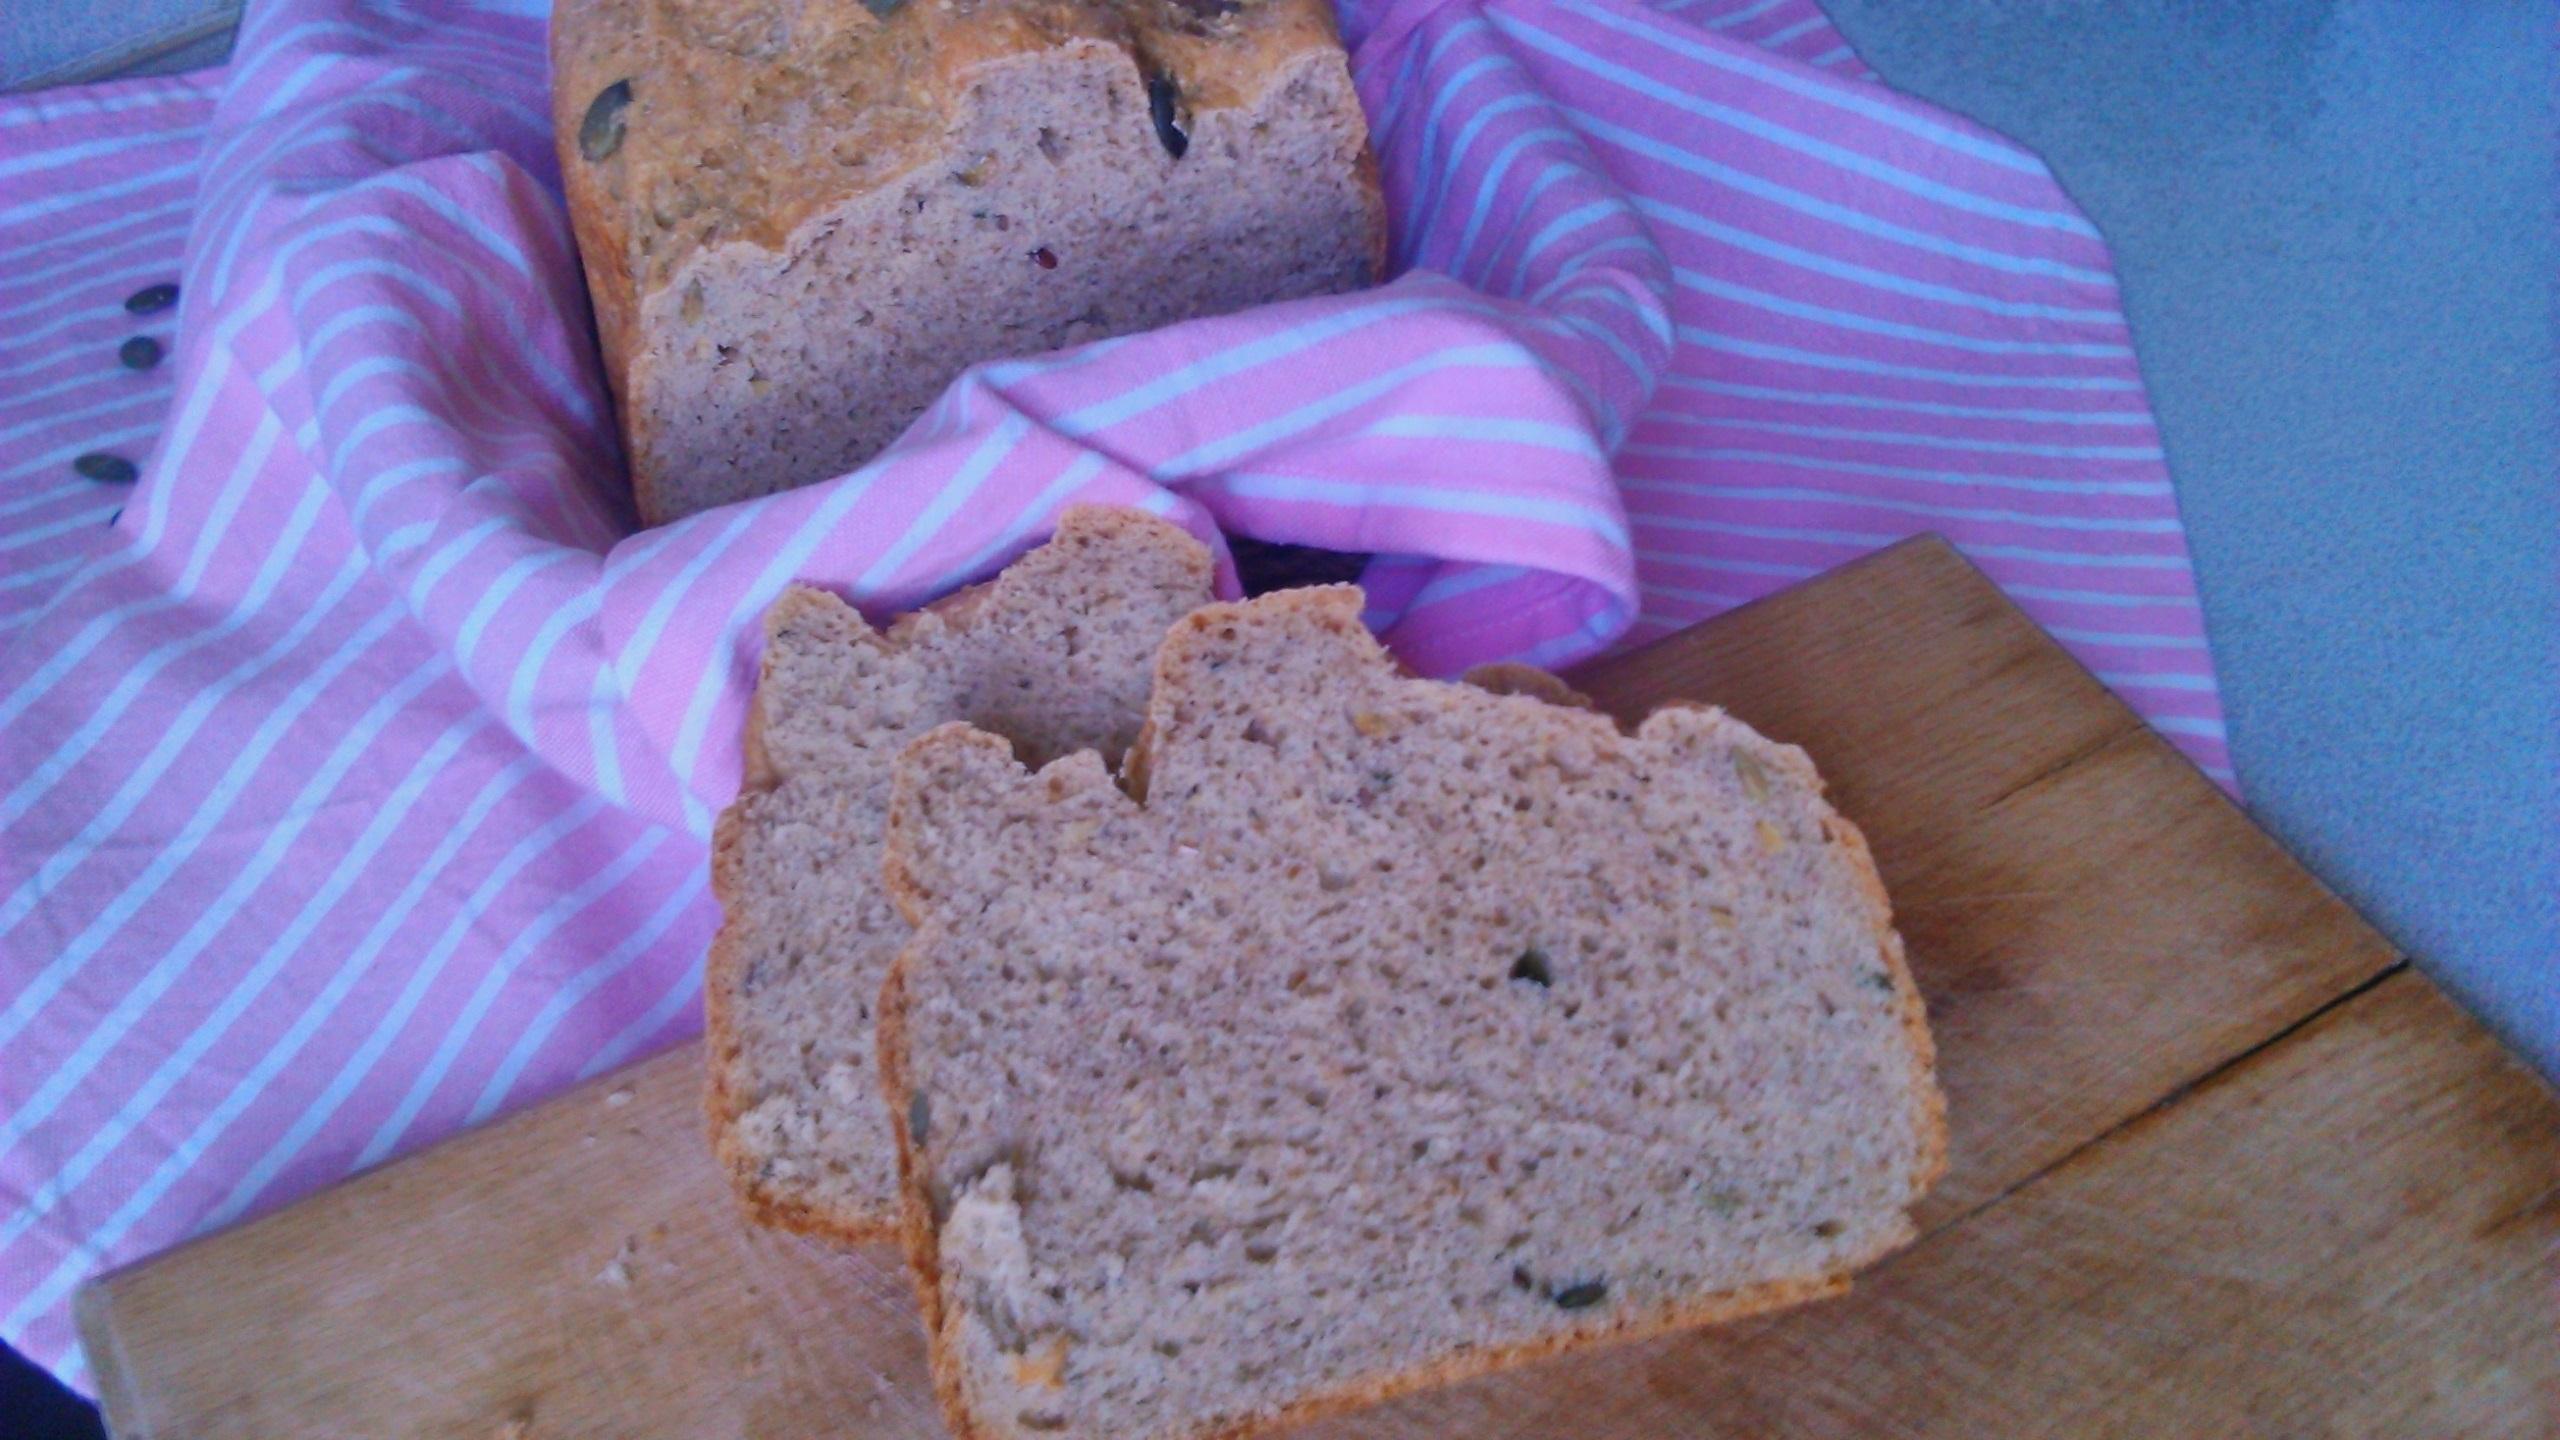 fogyokuras-szenhidratcsokkentett-dietas-kenyer-kenyersutogepben-recept-2.jpg